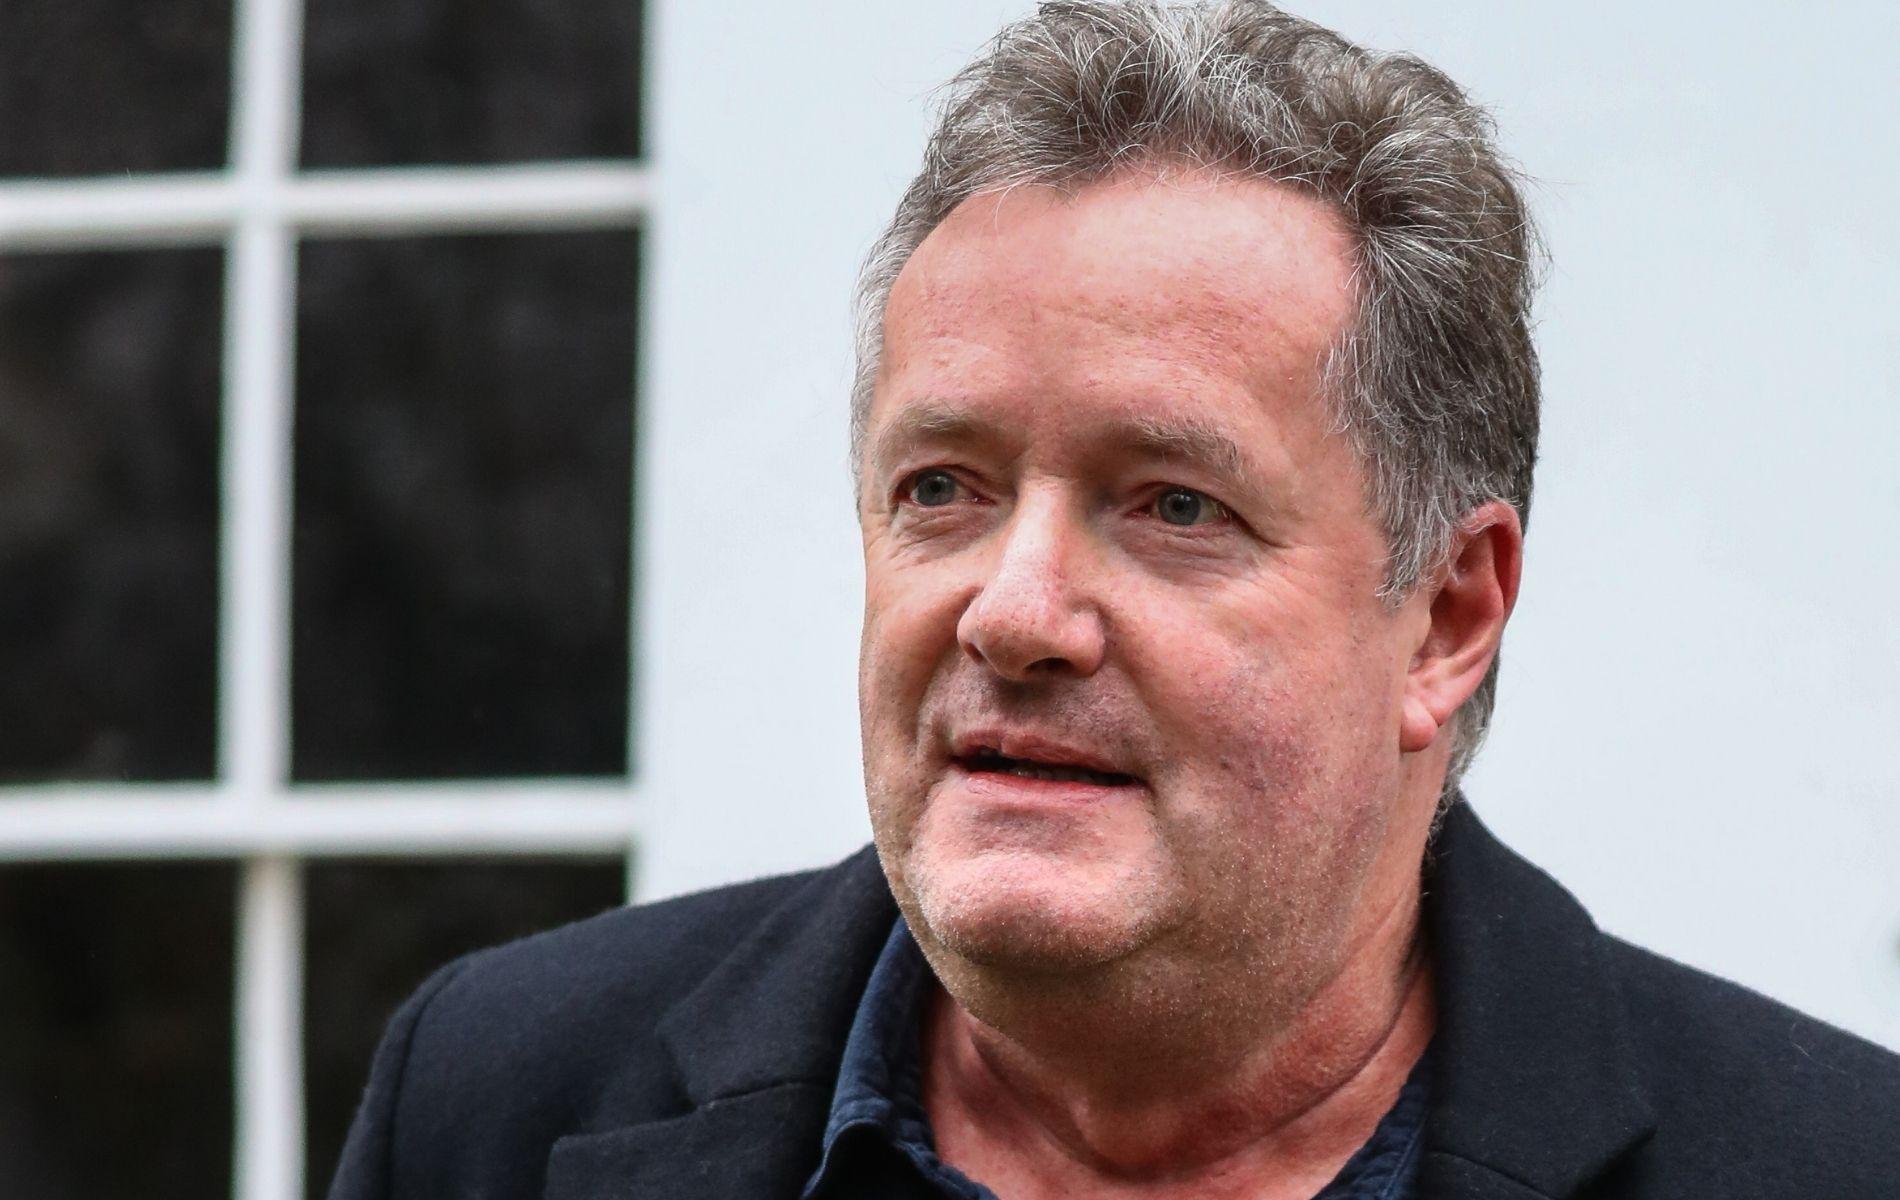 Accusé de tenir des propos inappropriés sur Meghan Markle, Piers Morgan obtient pourtant gain de cause auprès du CSA britannique